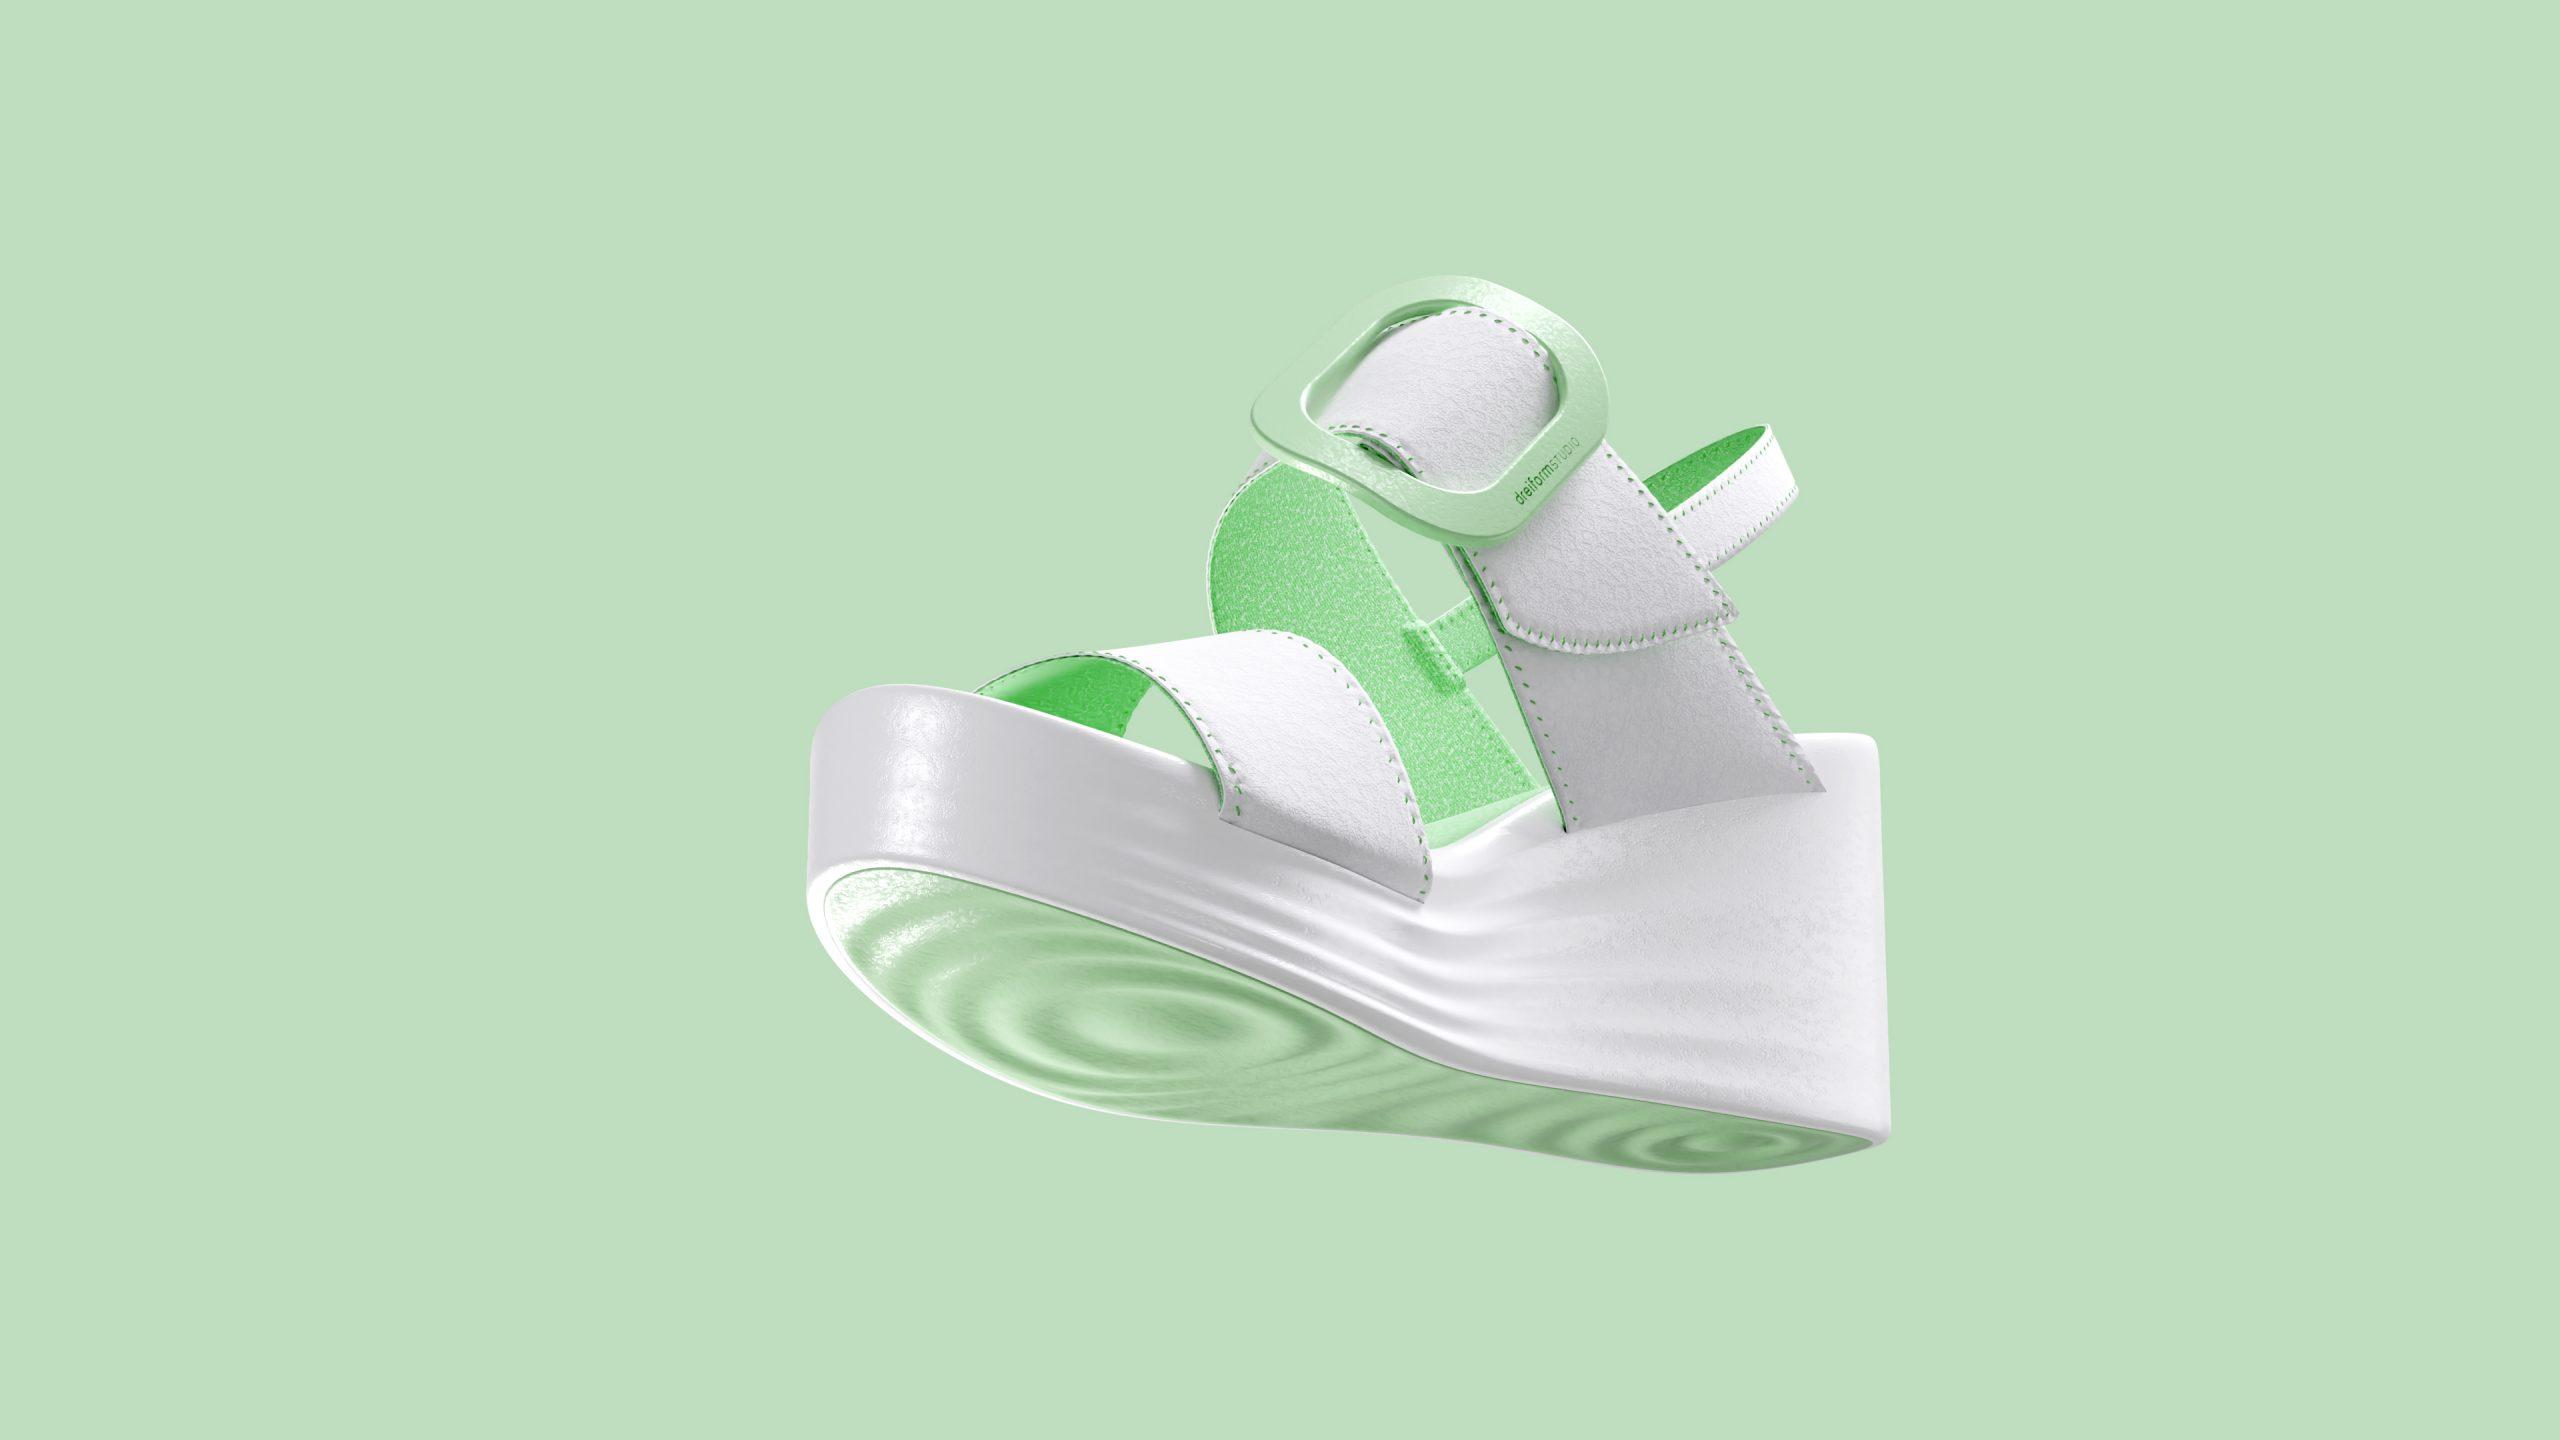 dreiformstudio white concept wedge sandals on green background, view below